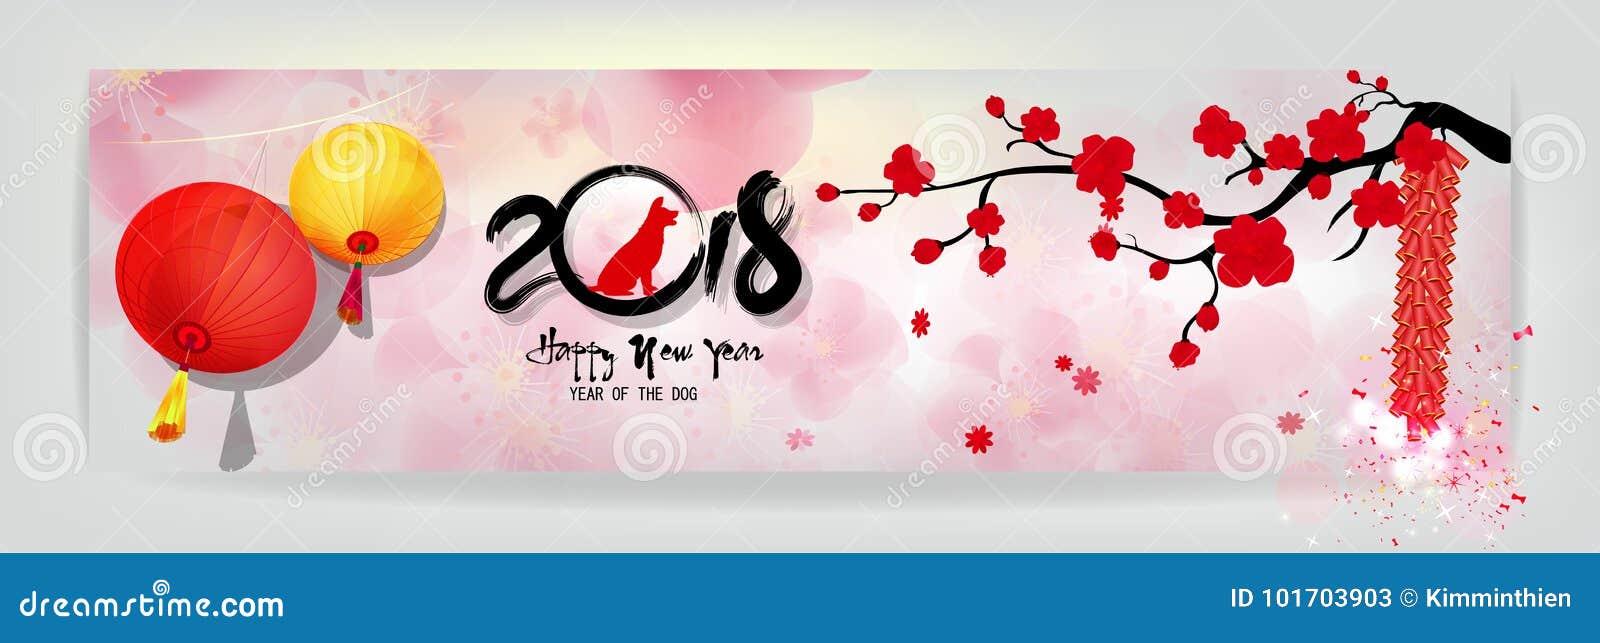 Ajuste o cartão 2018 do ano novo feliz da bandeira e o ano novo chinês do cão, fundo da flor de cerejeira